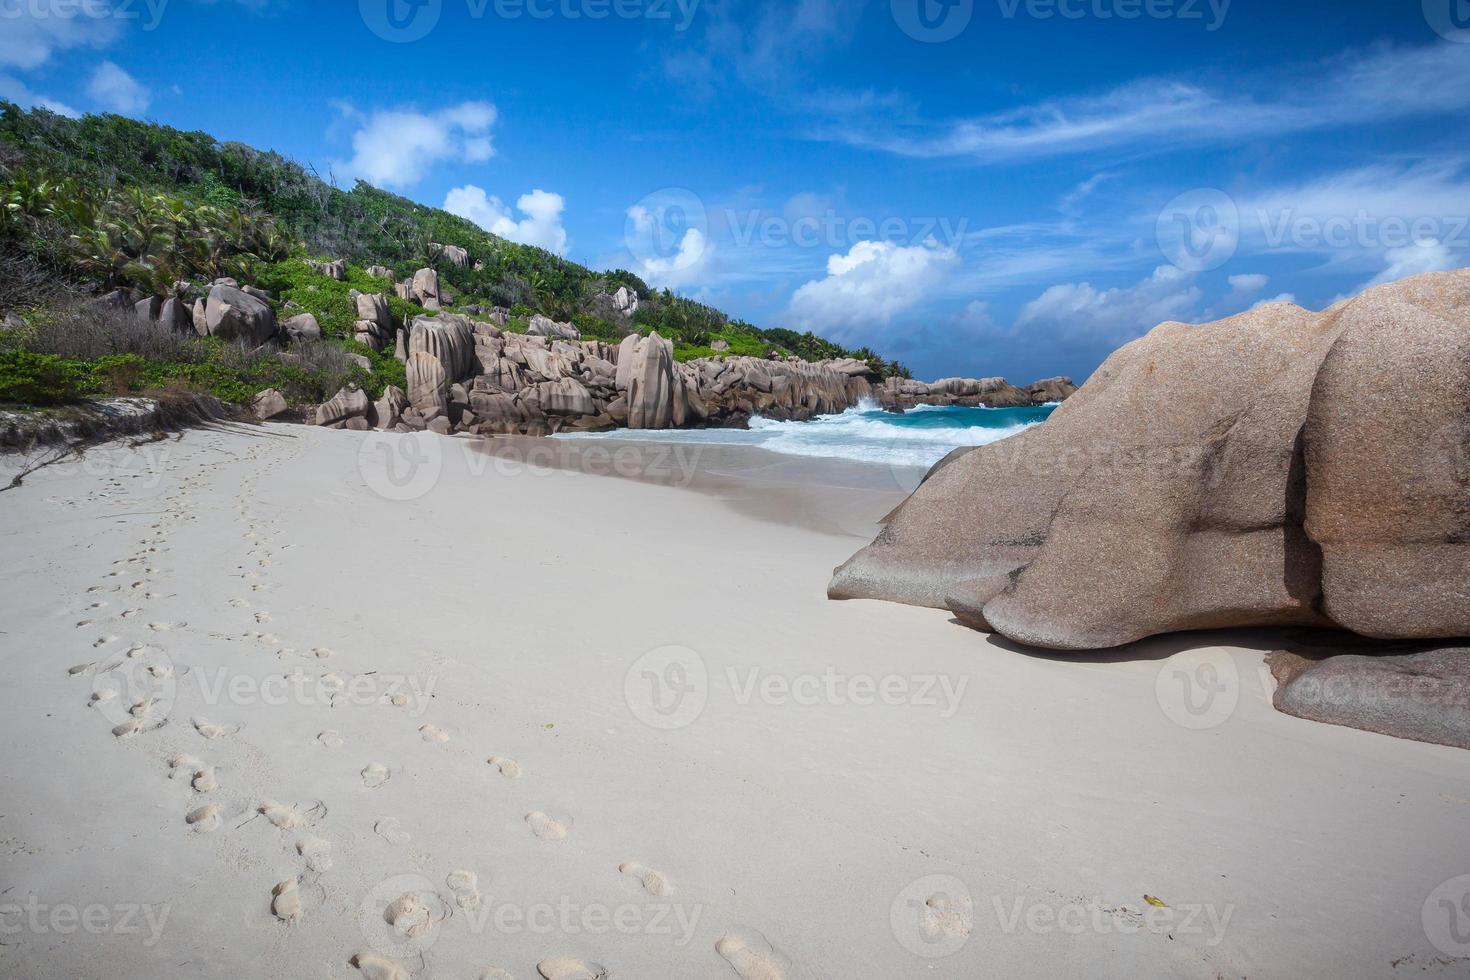 Fußspuren im Sand eines einsamen Strandes foto